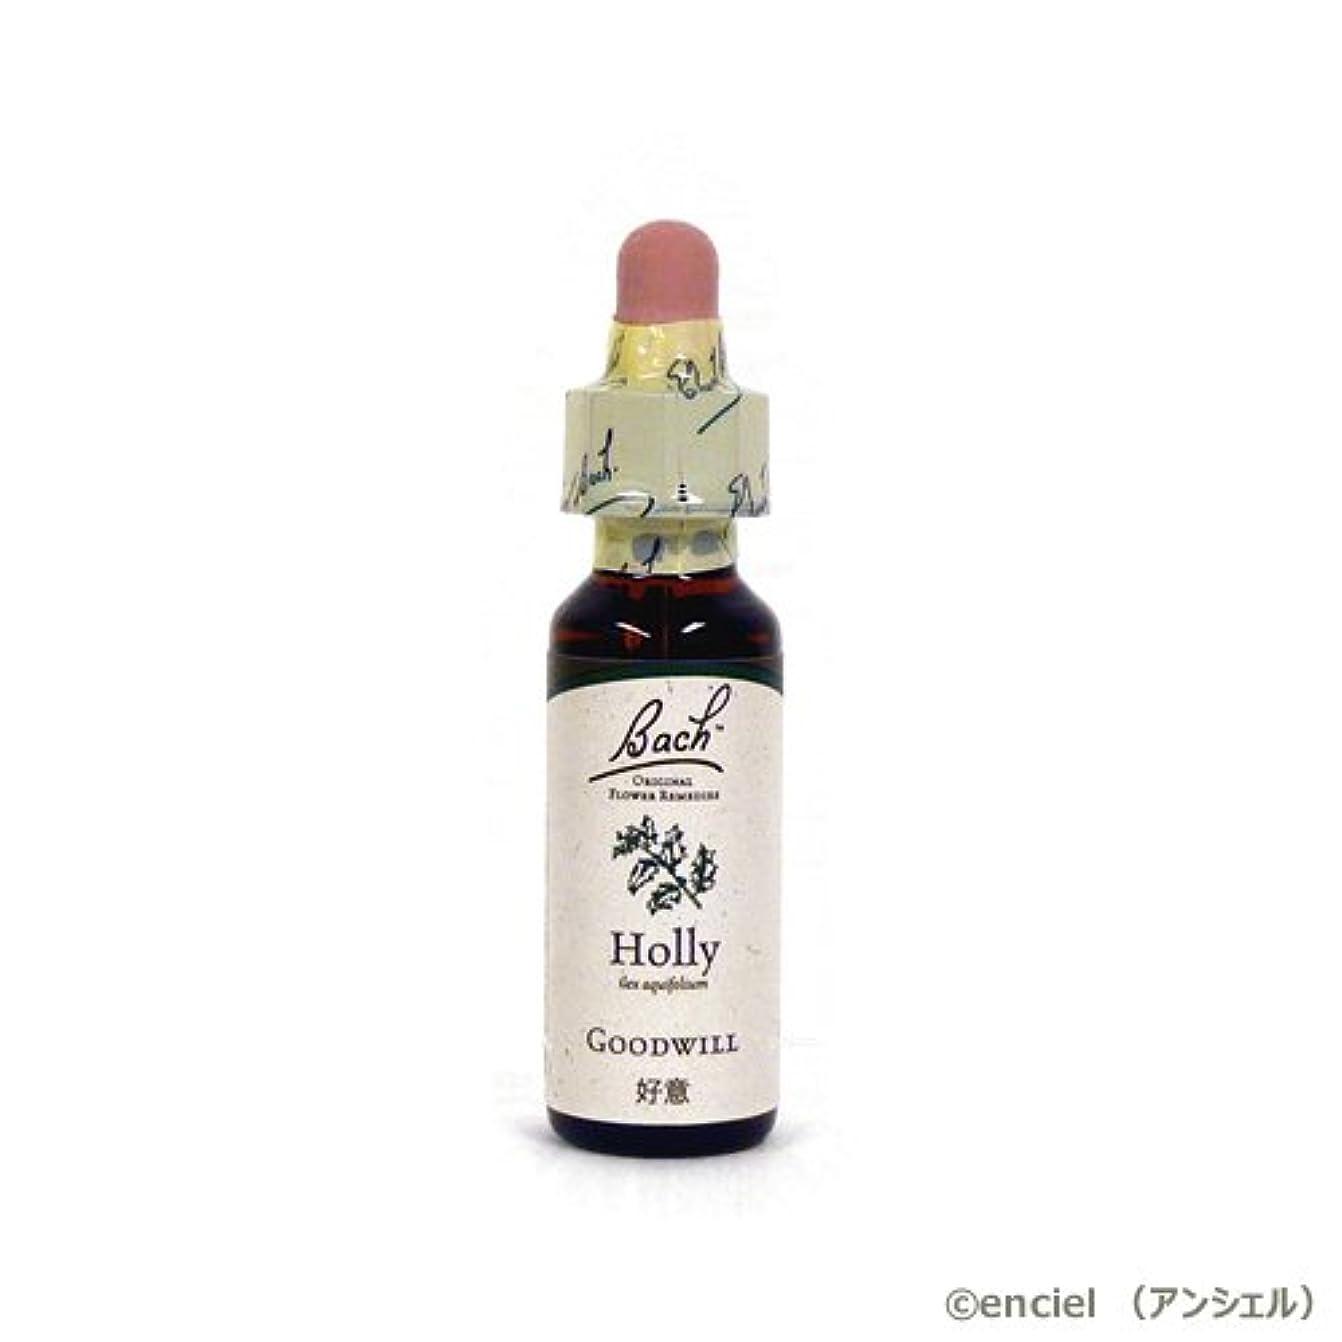 成熟導体魅力バッチフラワー レメディ ホリー 10ml グリセリンタイプ 日本国内正規品